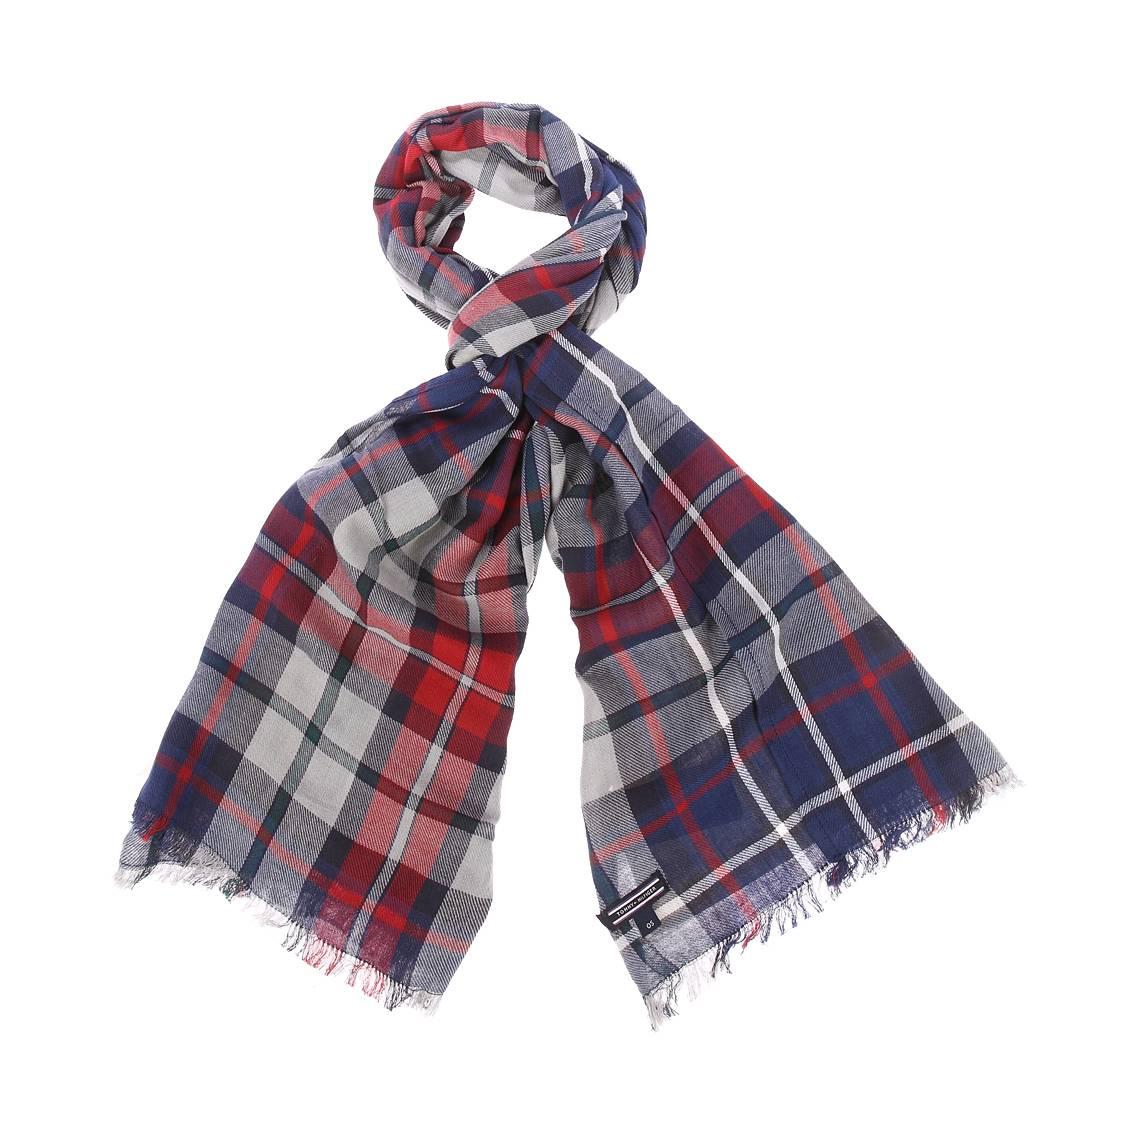 Chèche tommy hilfiger en coton à motifs tartan bleus, blancs et gris